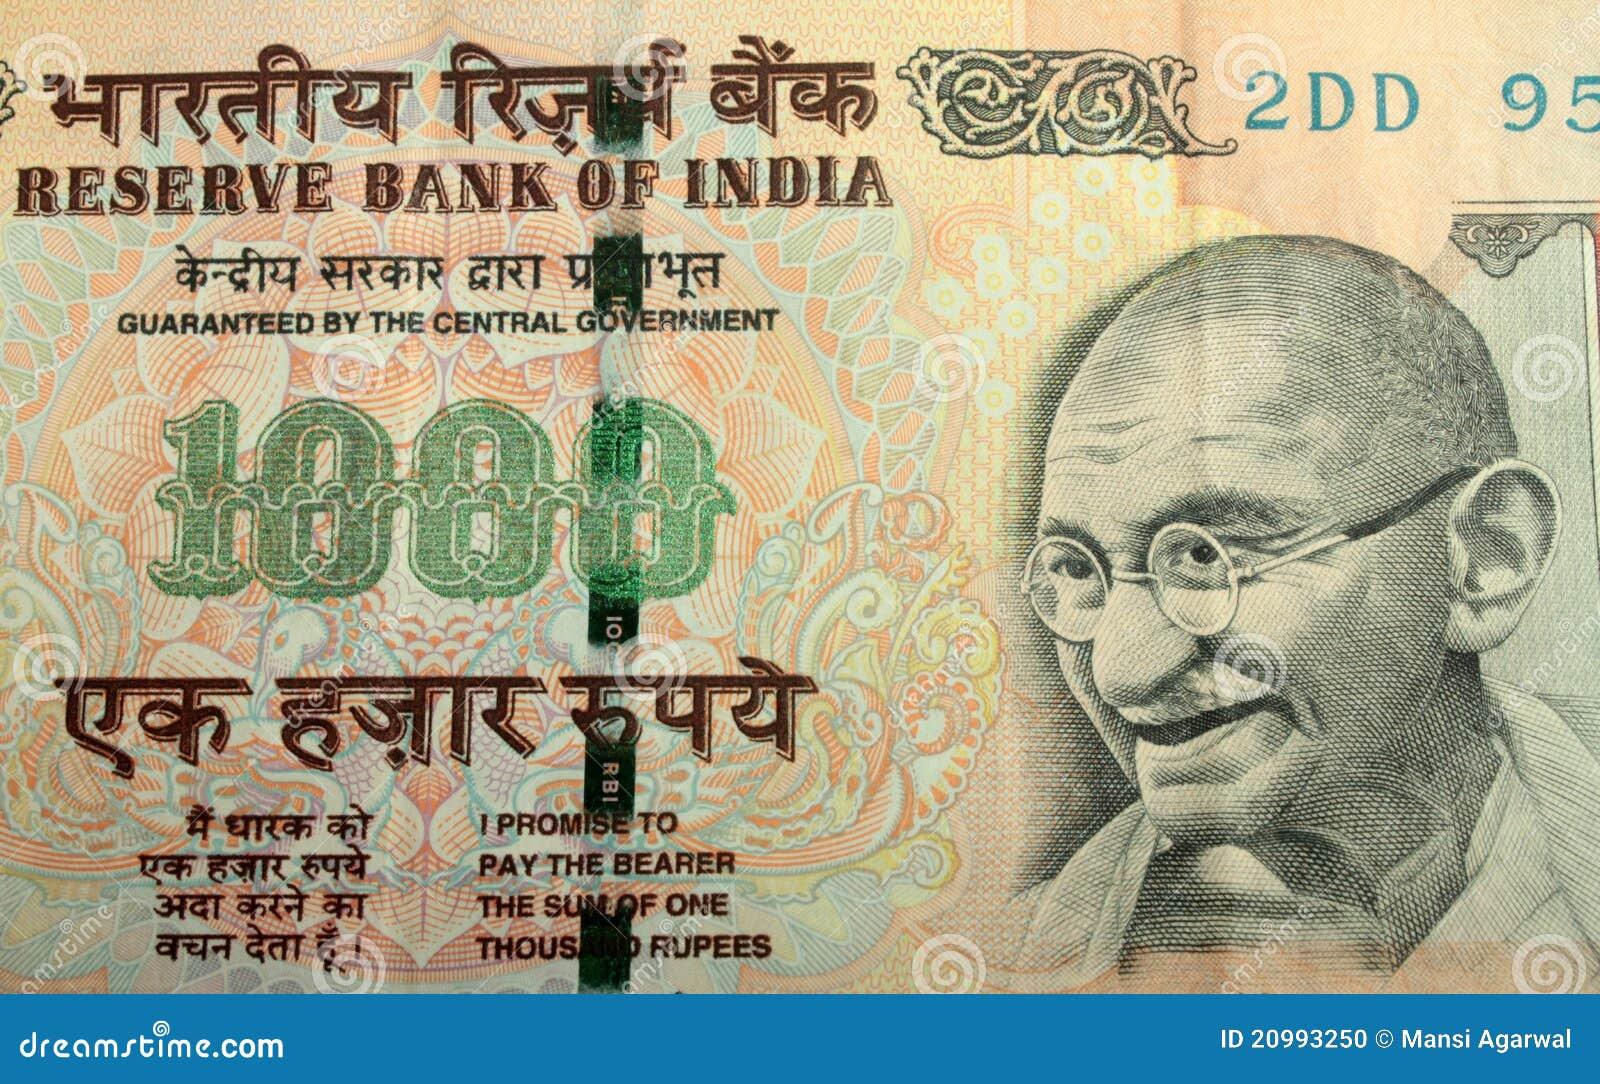 图片 包括有 商业, 投资, 种族, 班珠尔, 印度, 颜色, 班卓琵琶